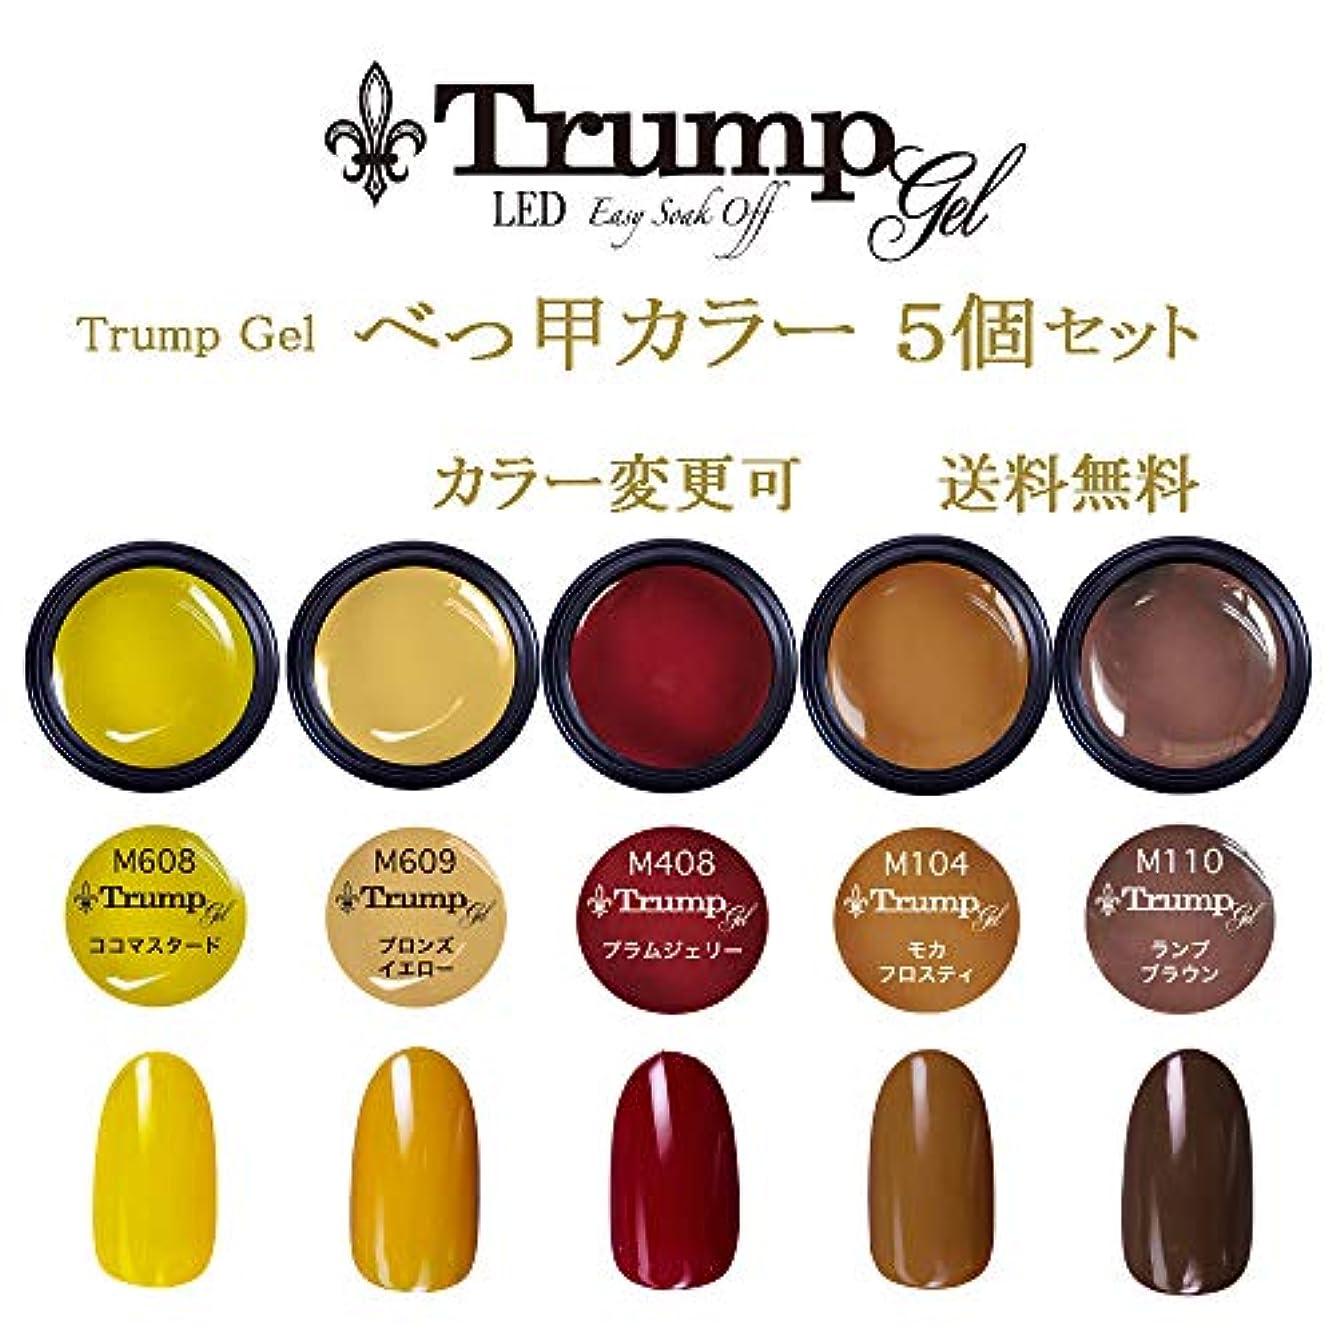 【送料無料】日本製 Trump gel トランプジェル べっ甲カラー ブラウン系 選べる カラージェル 5個セット べっ甲ネイル ベージュ ブラウン マスタード カラー